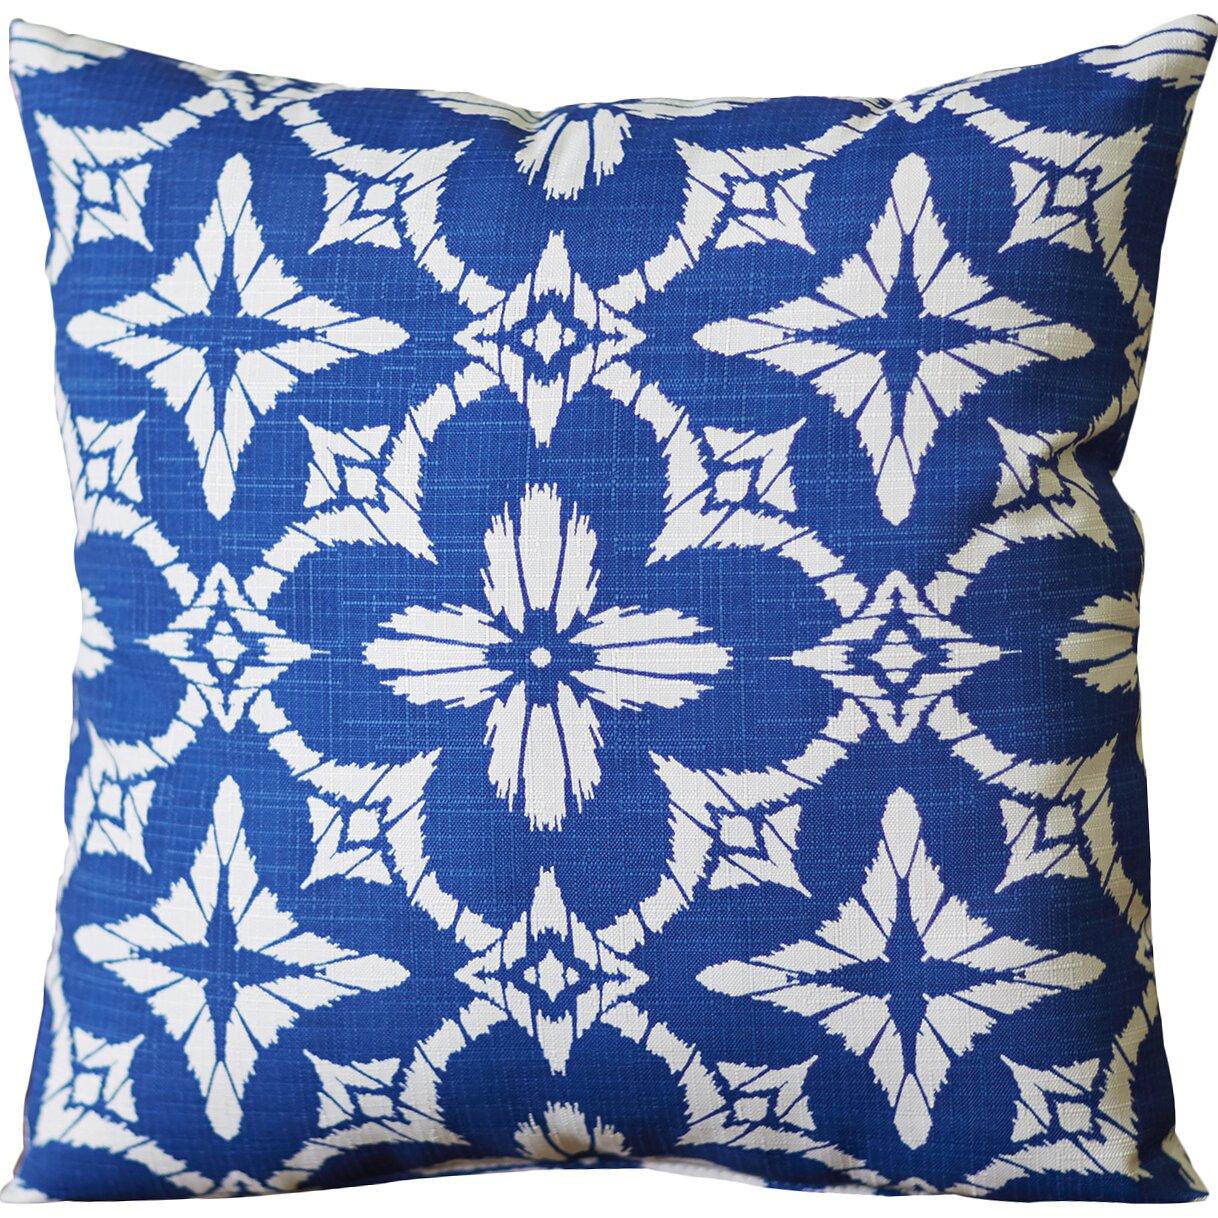 Bungalow Rose Boualam Outdoor Throw Pillow & Reviews Wayfair